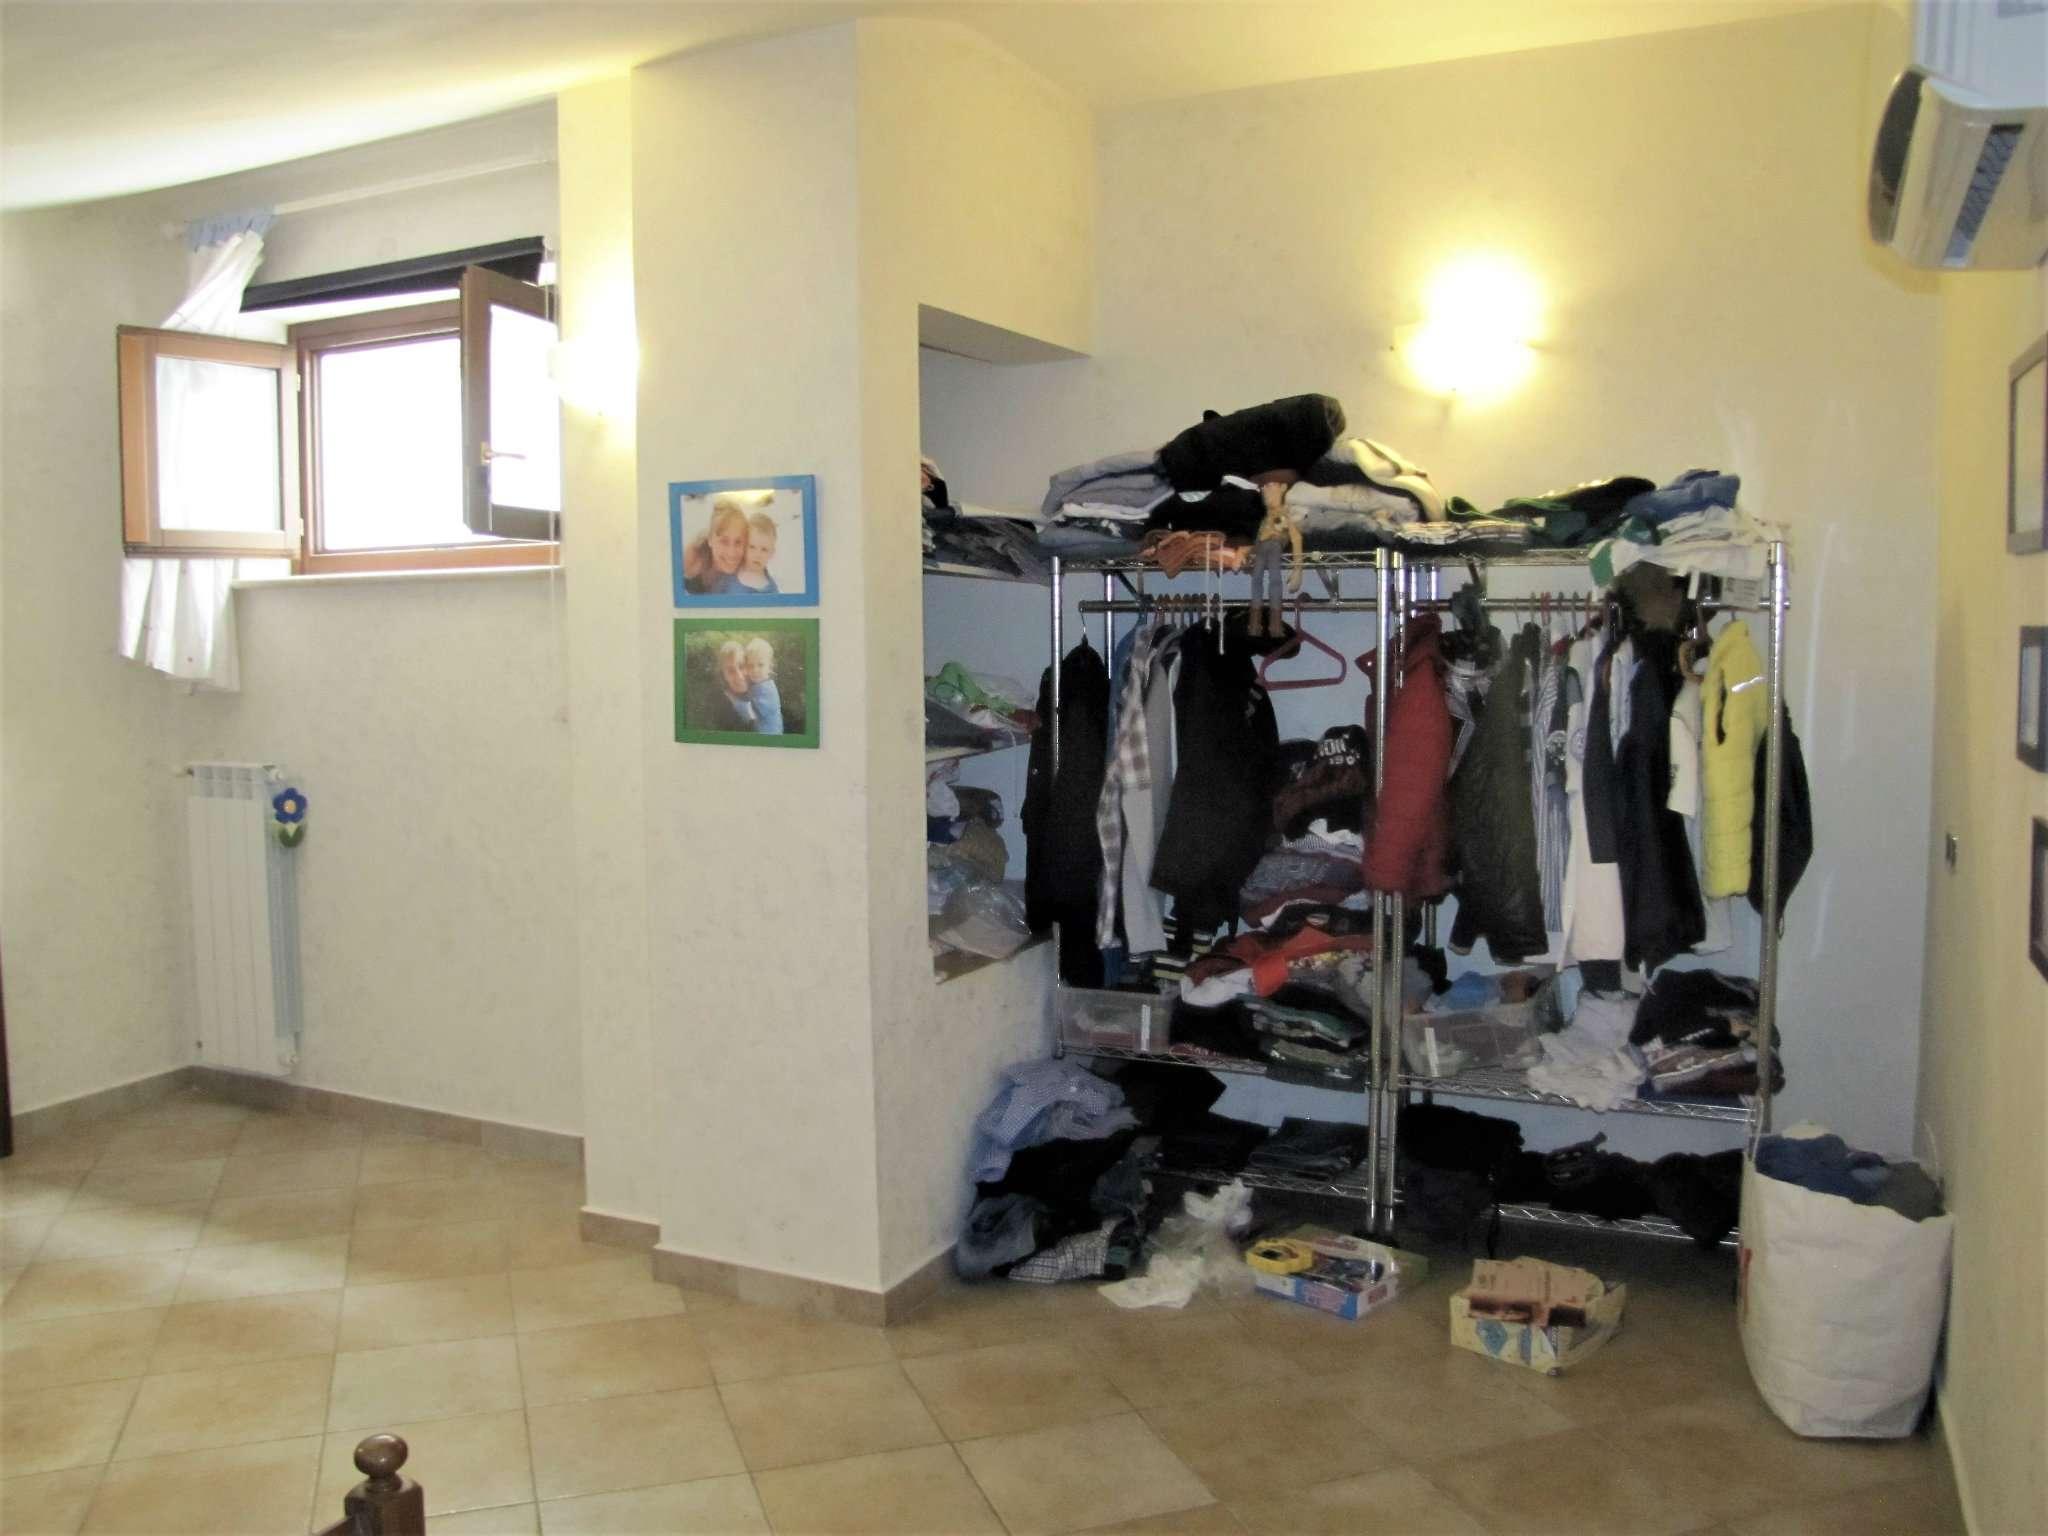 Foto 17 di Villa a Schiera via MITTA 6, Roma (zona Finocchio - Torre Gaia - Tor Vergata)